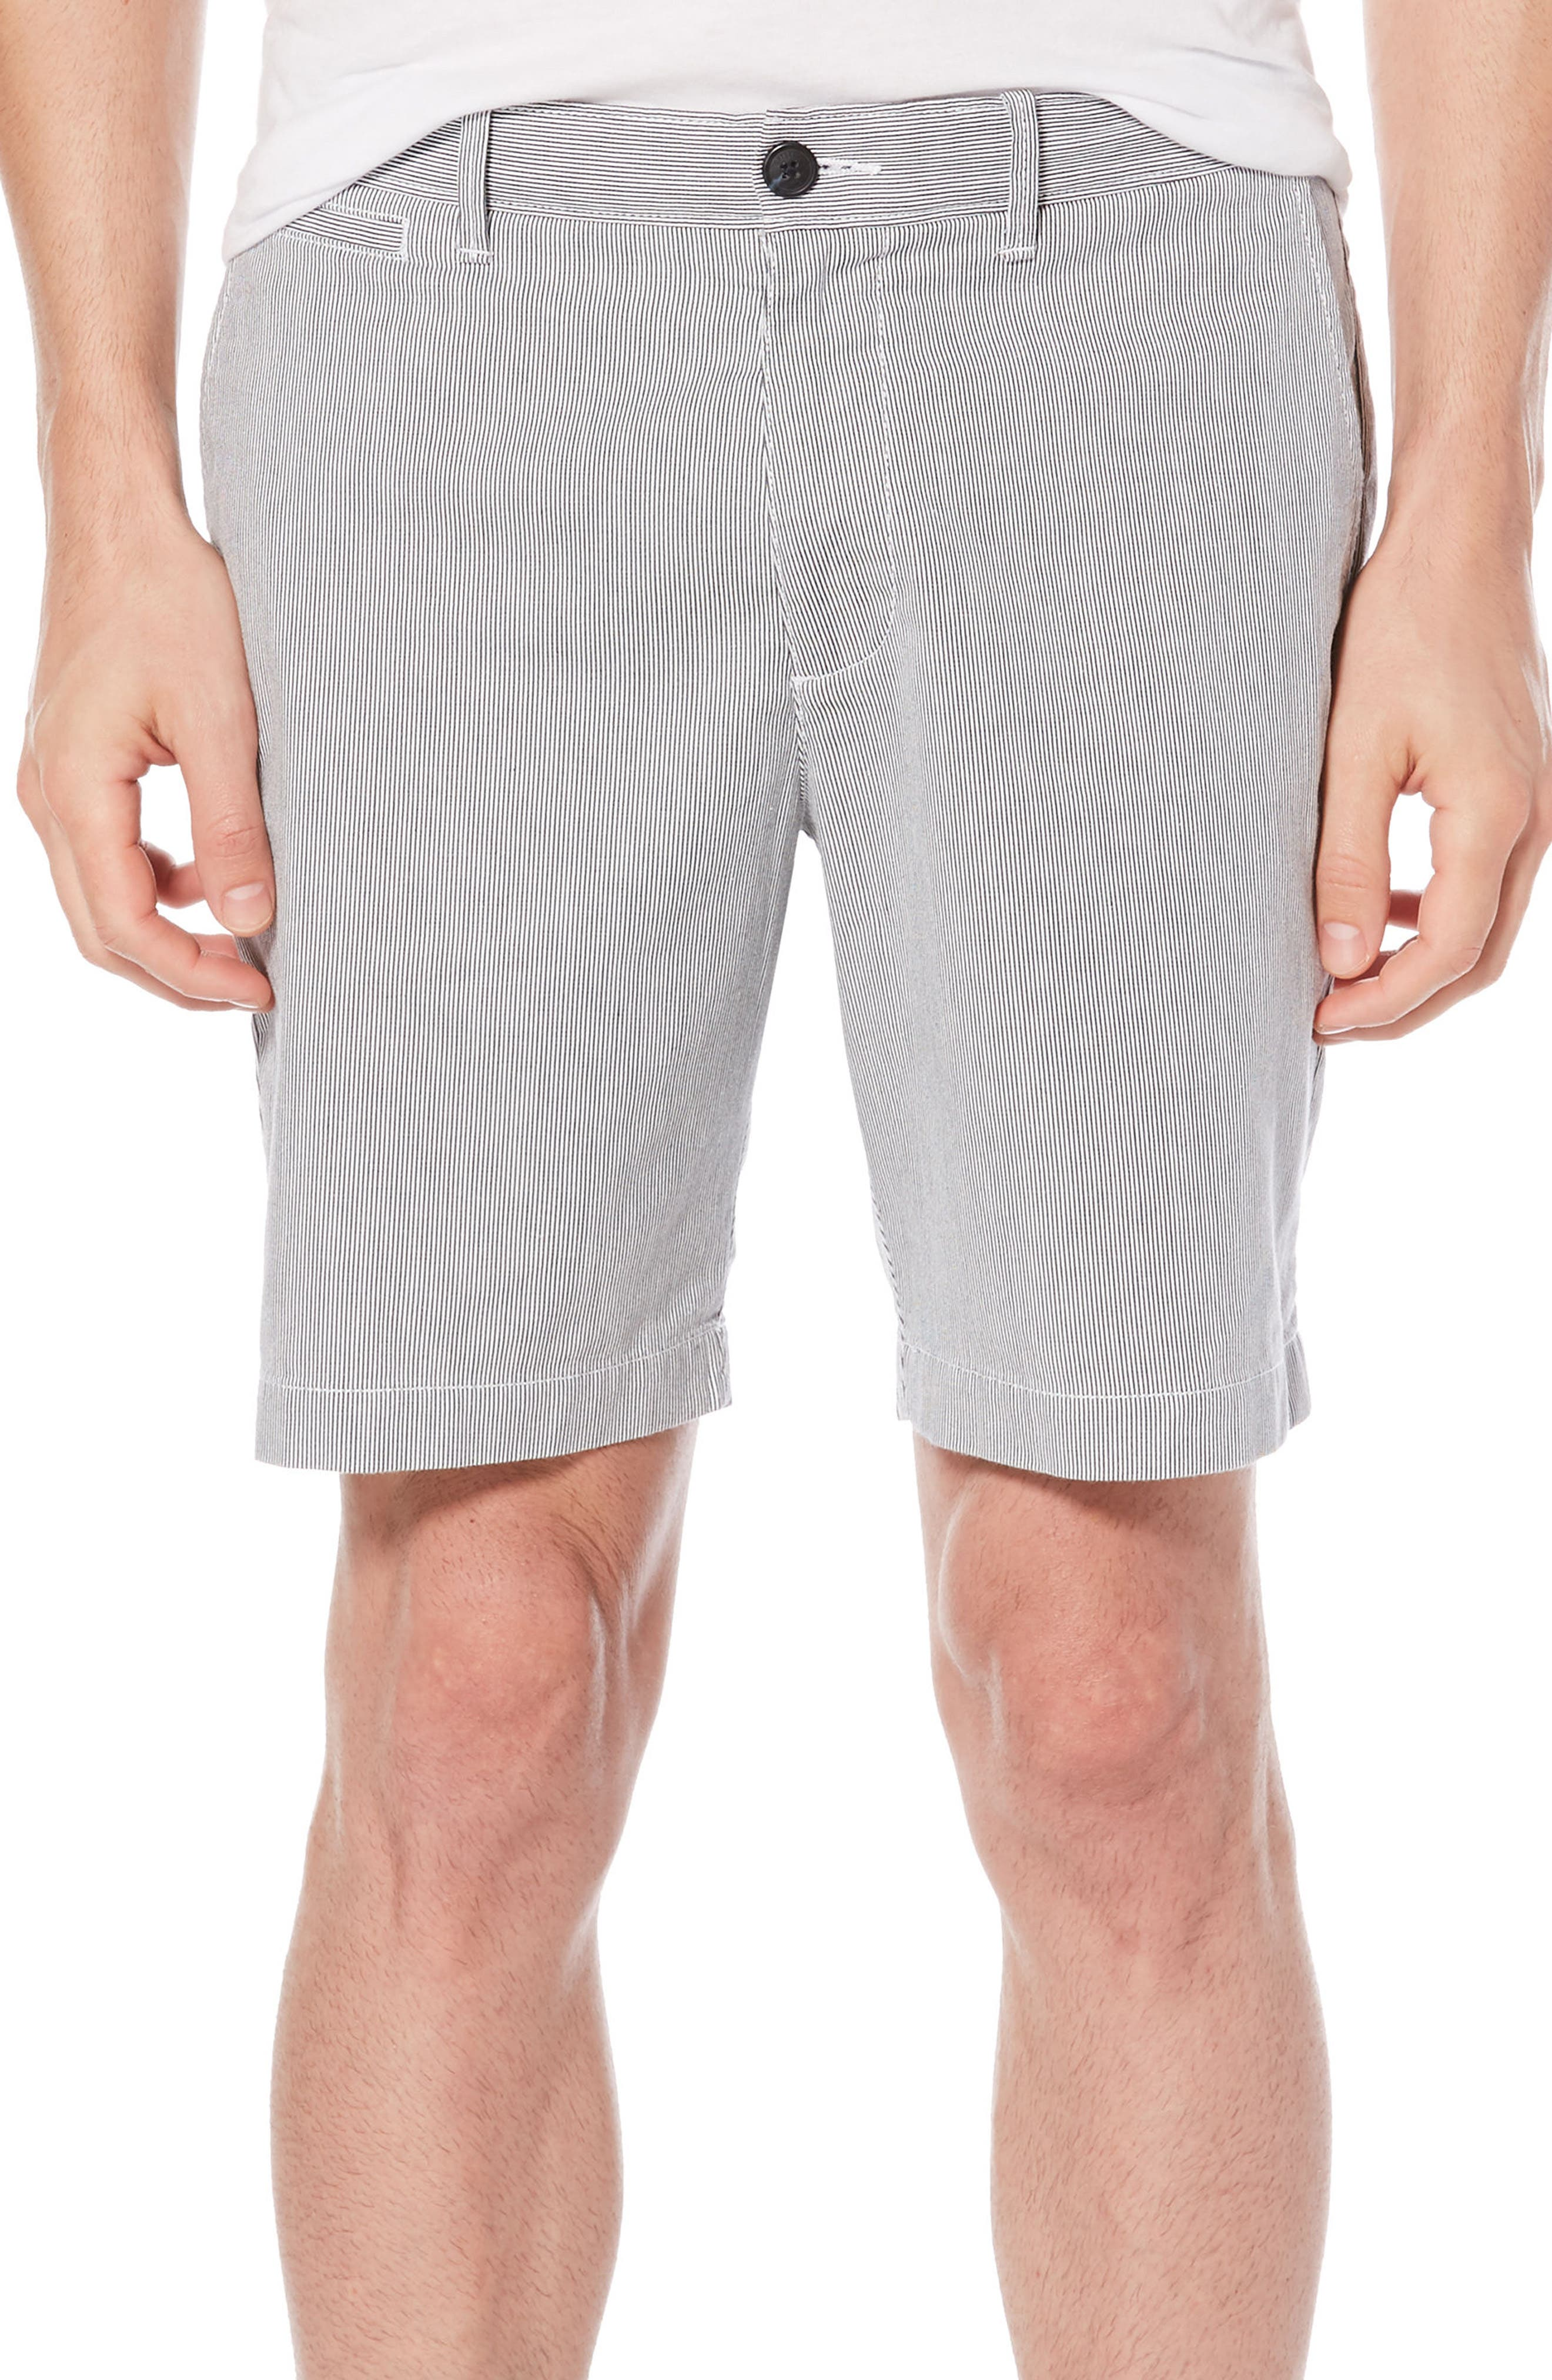 P55 Corded Stripe Shorts,                             Main thumbnail 1, color,                             413